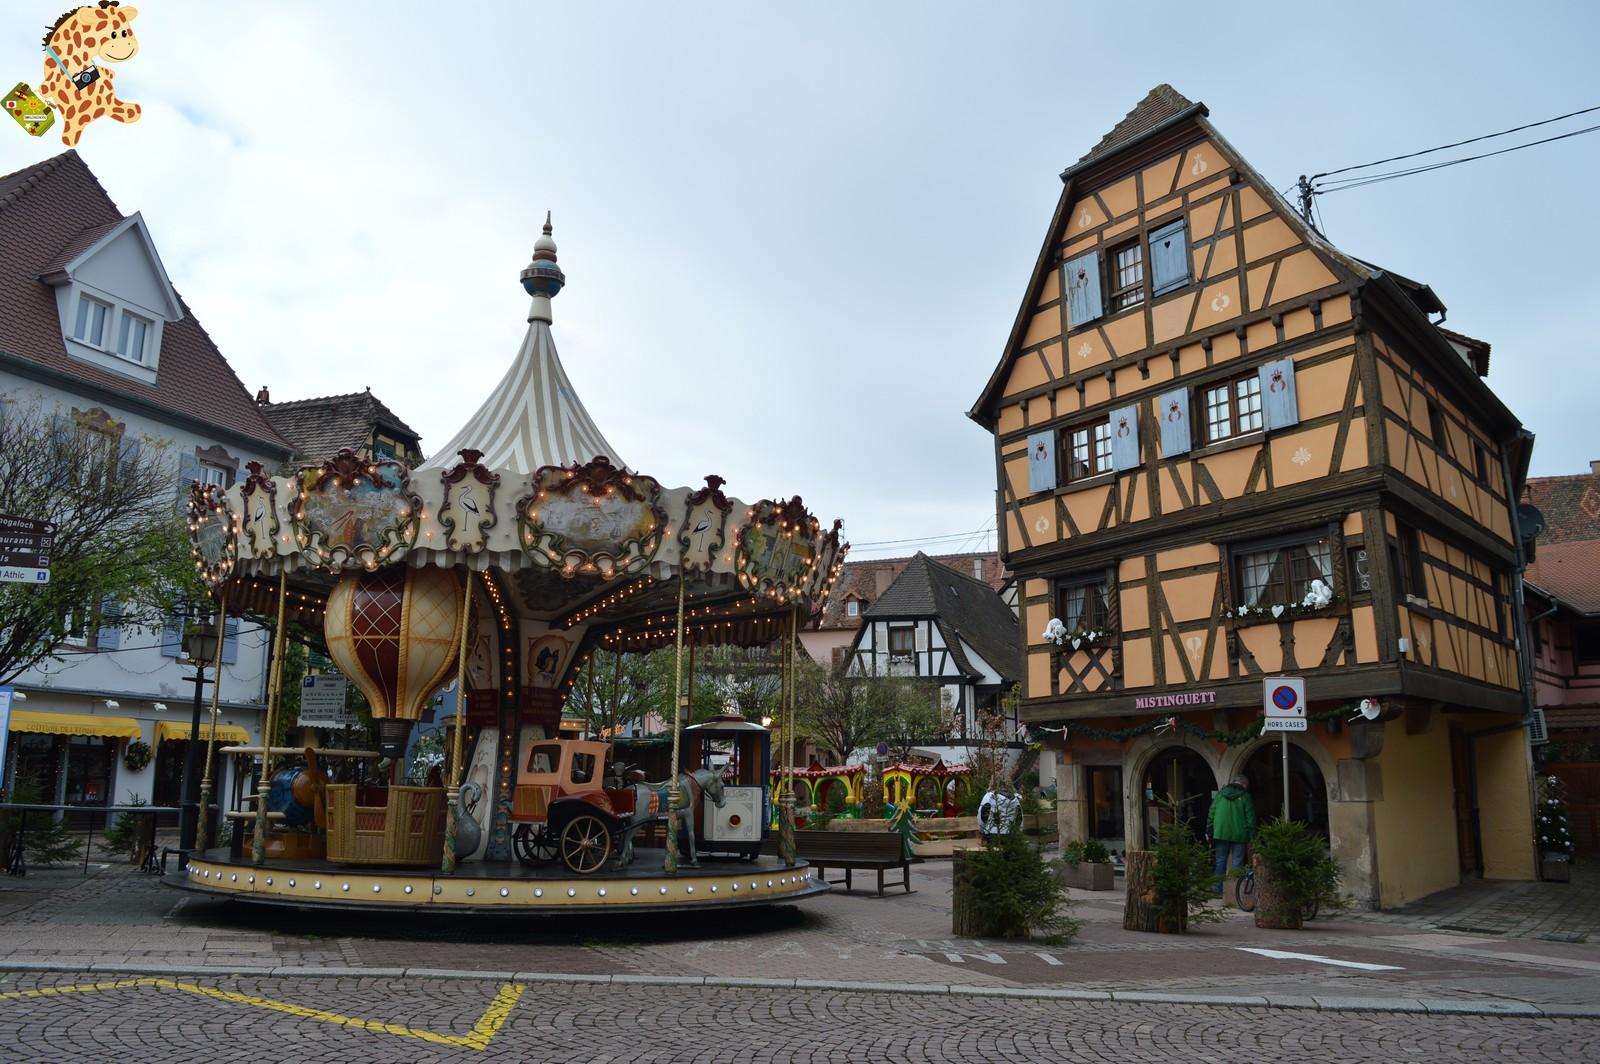 Qué ver en Alsacia: Castillo de Haut Koenigsbourg, Barr y Obernai